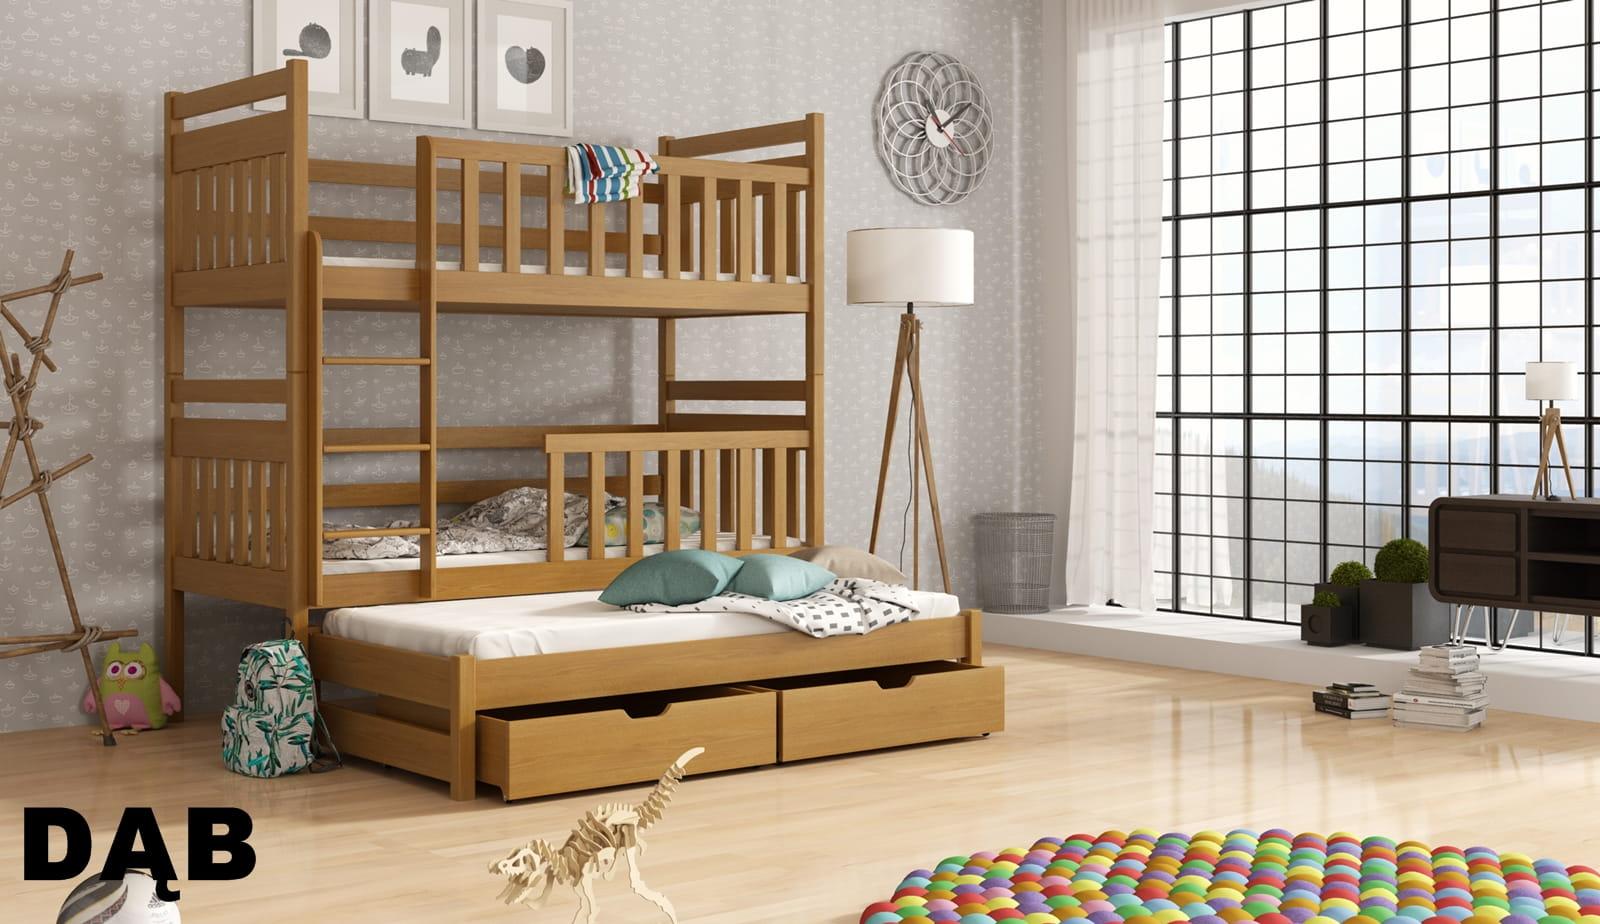 łóżko Piętrowe Trzyosobowe Klewra Meblegratka